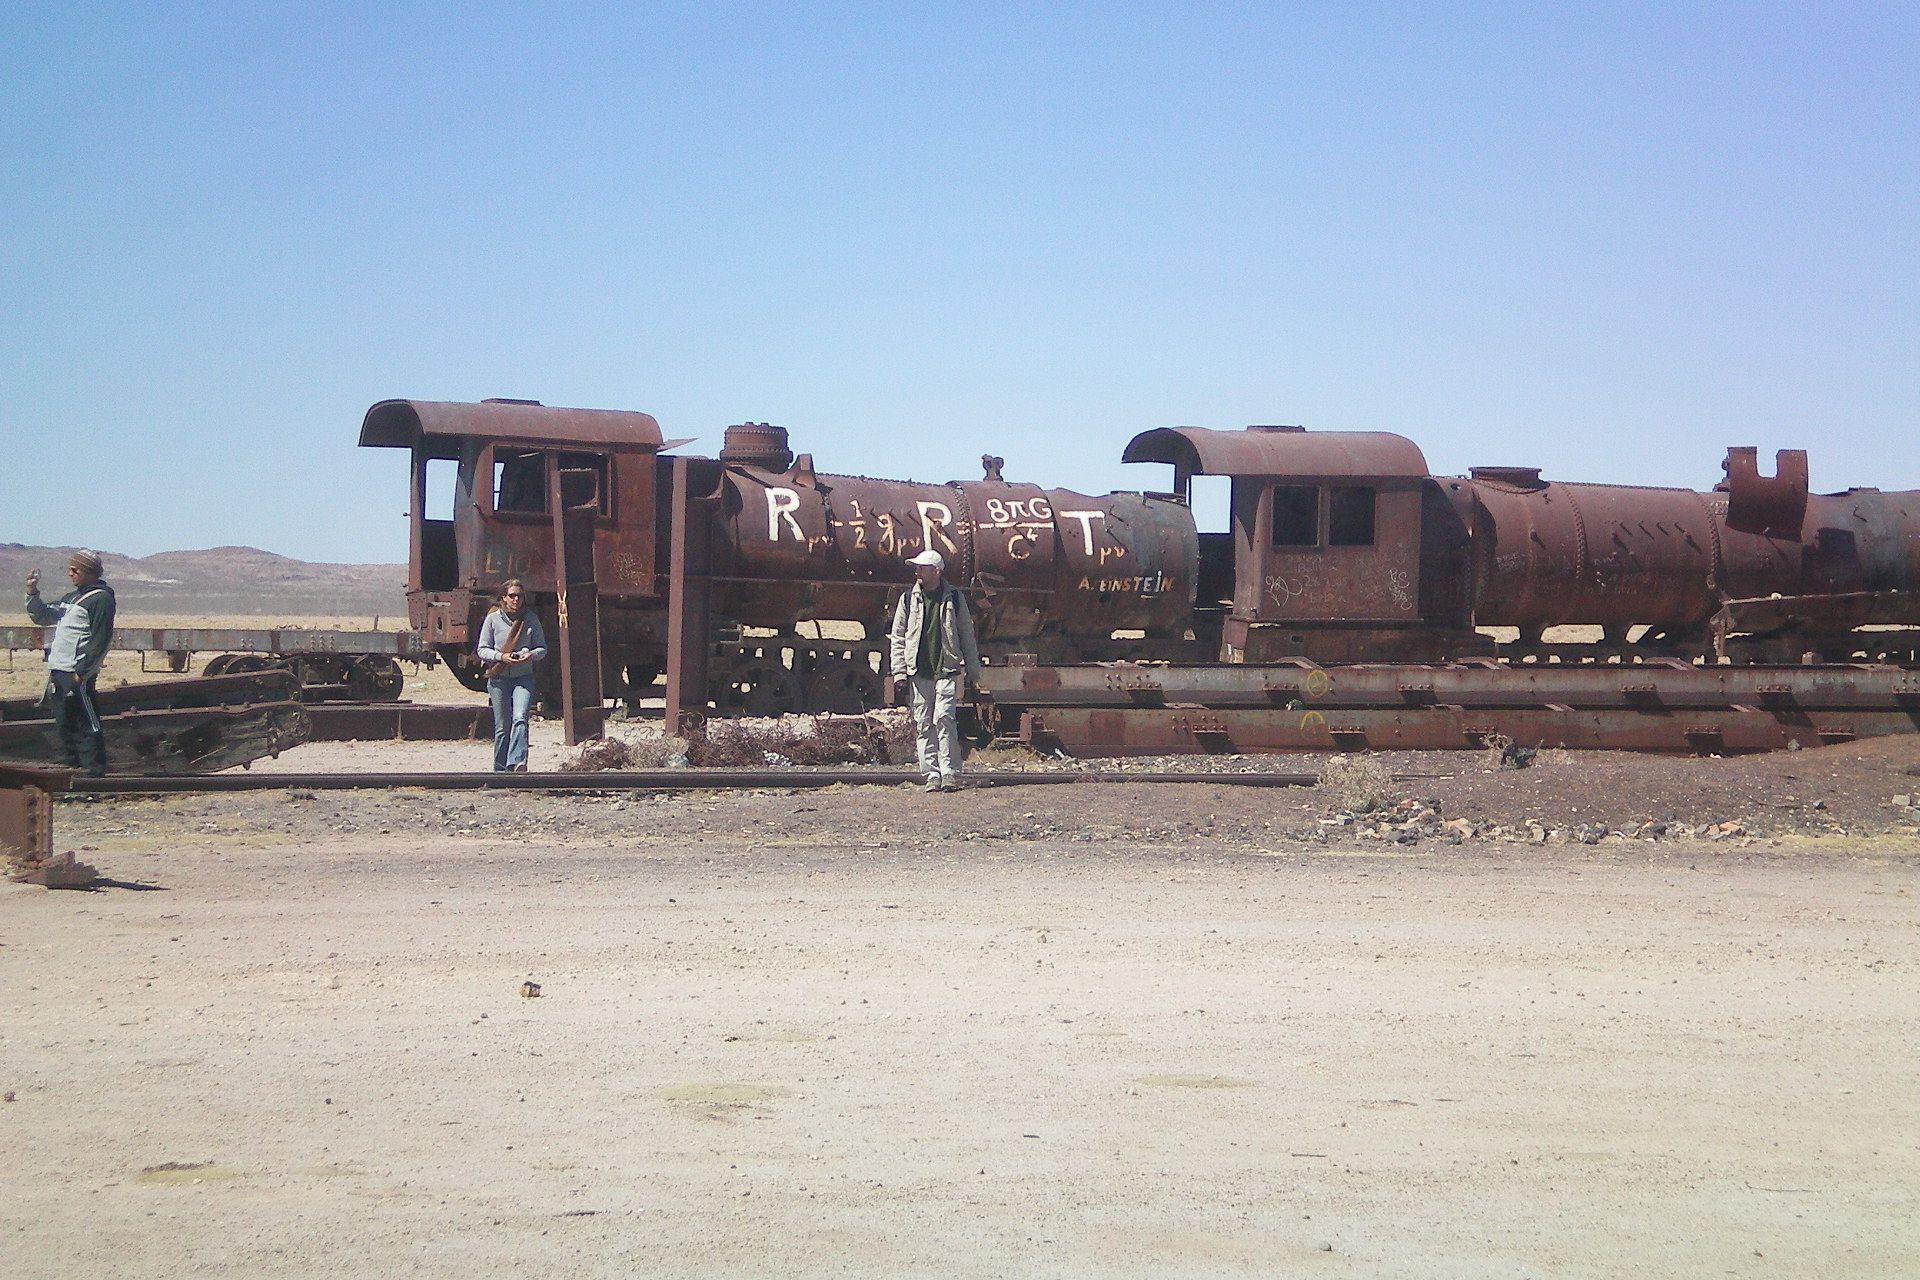 Cementerio de trenes at Salar de Uyuni, Bolivia